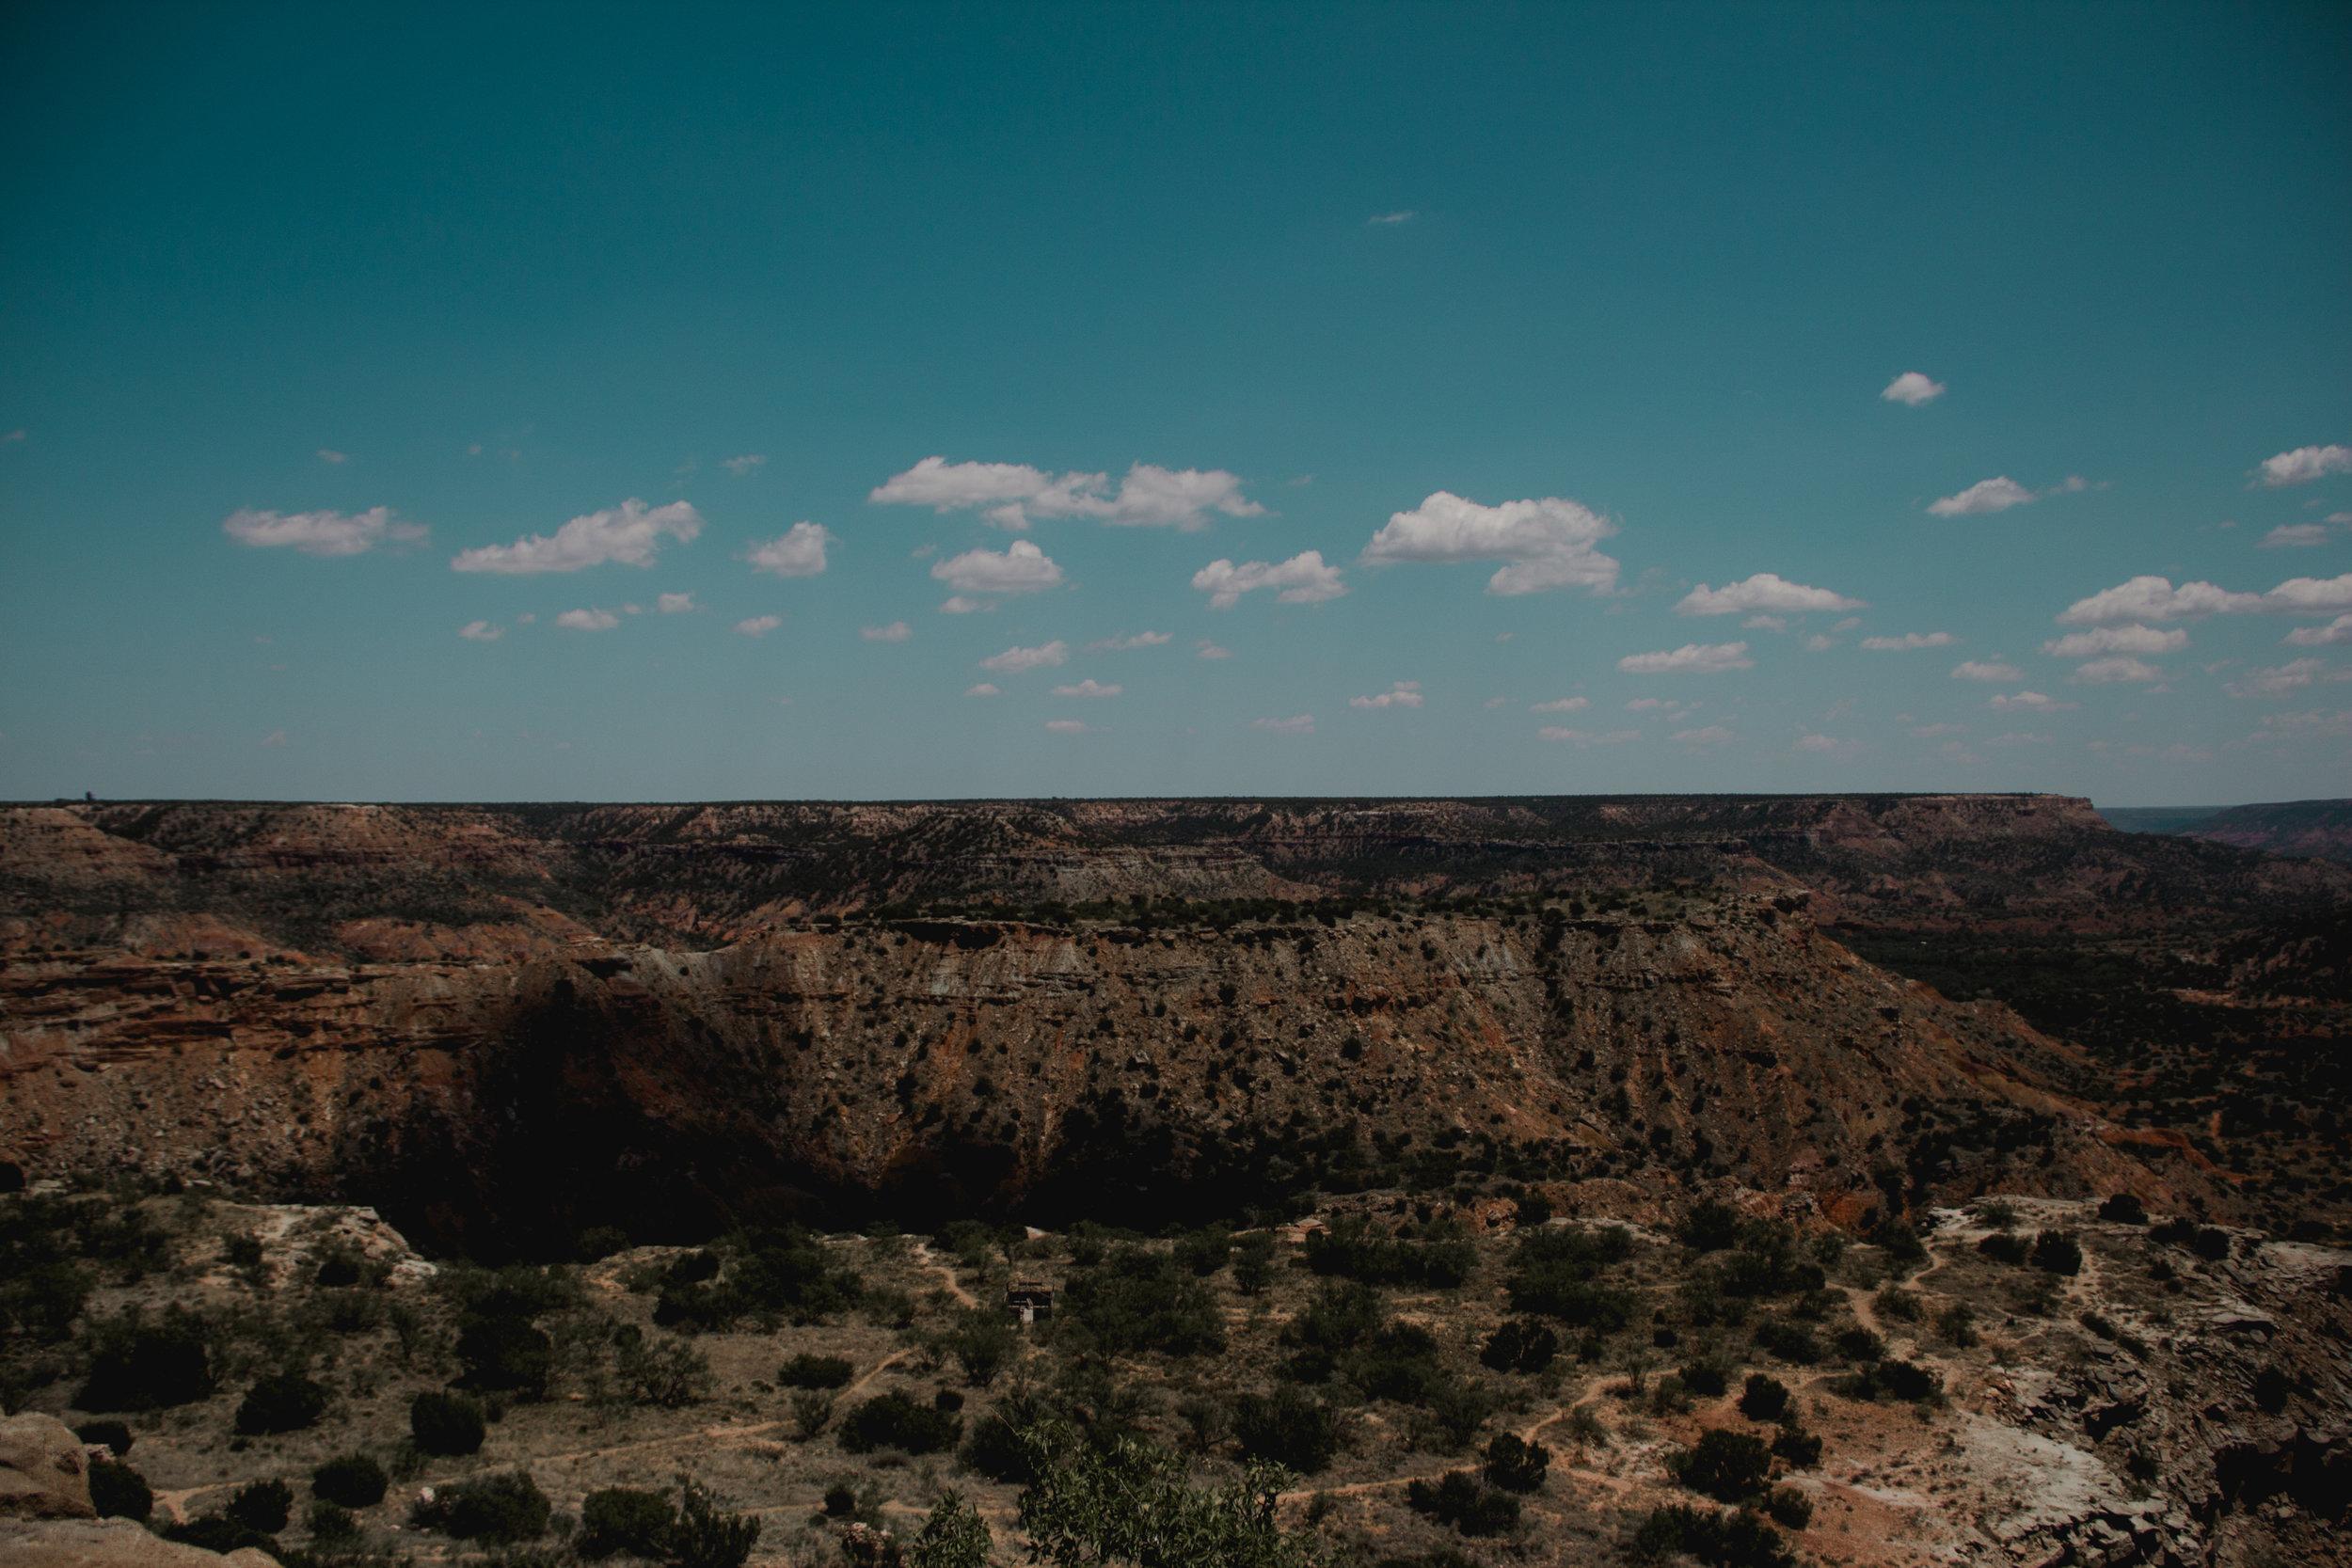 Palo Duro Canyon, Amarillo, Texas, USA